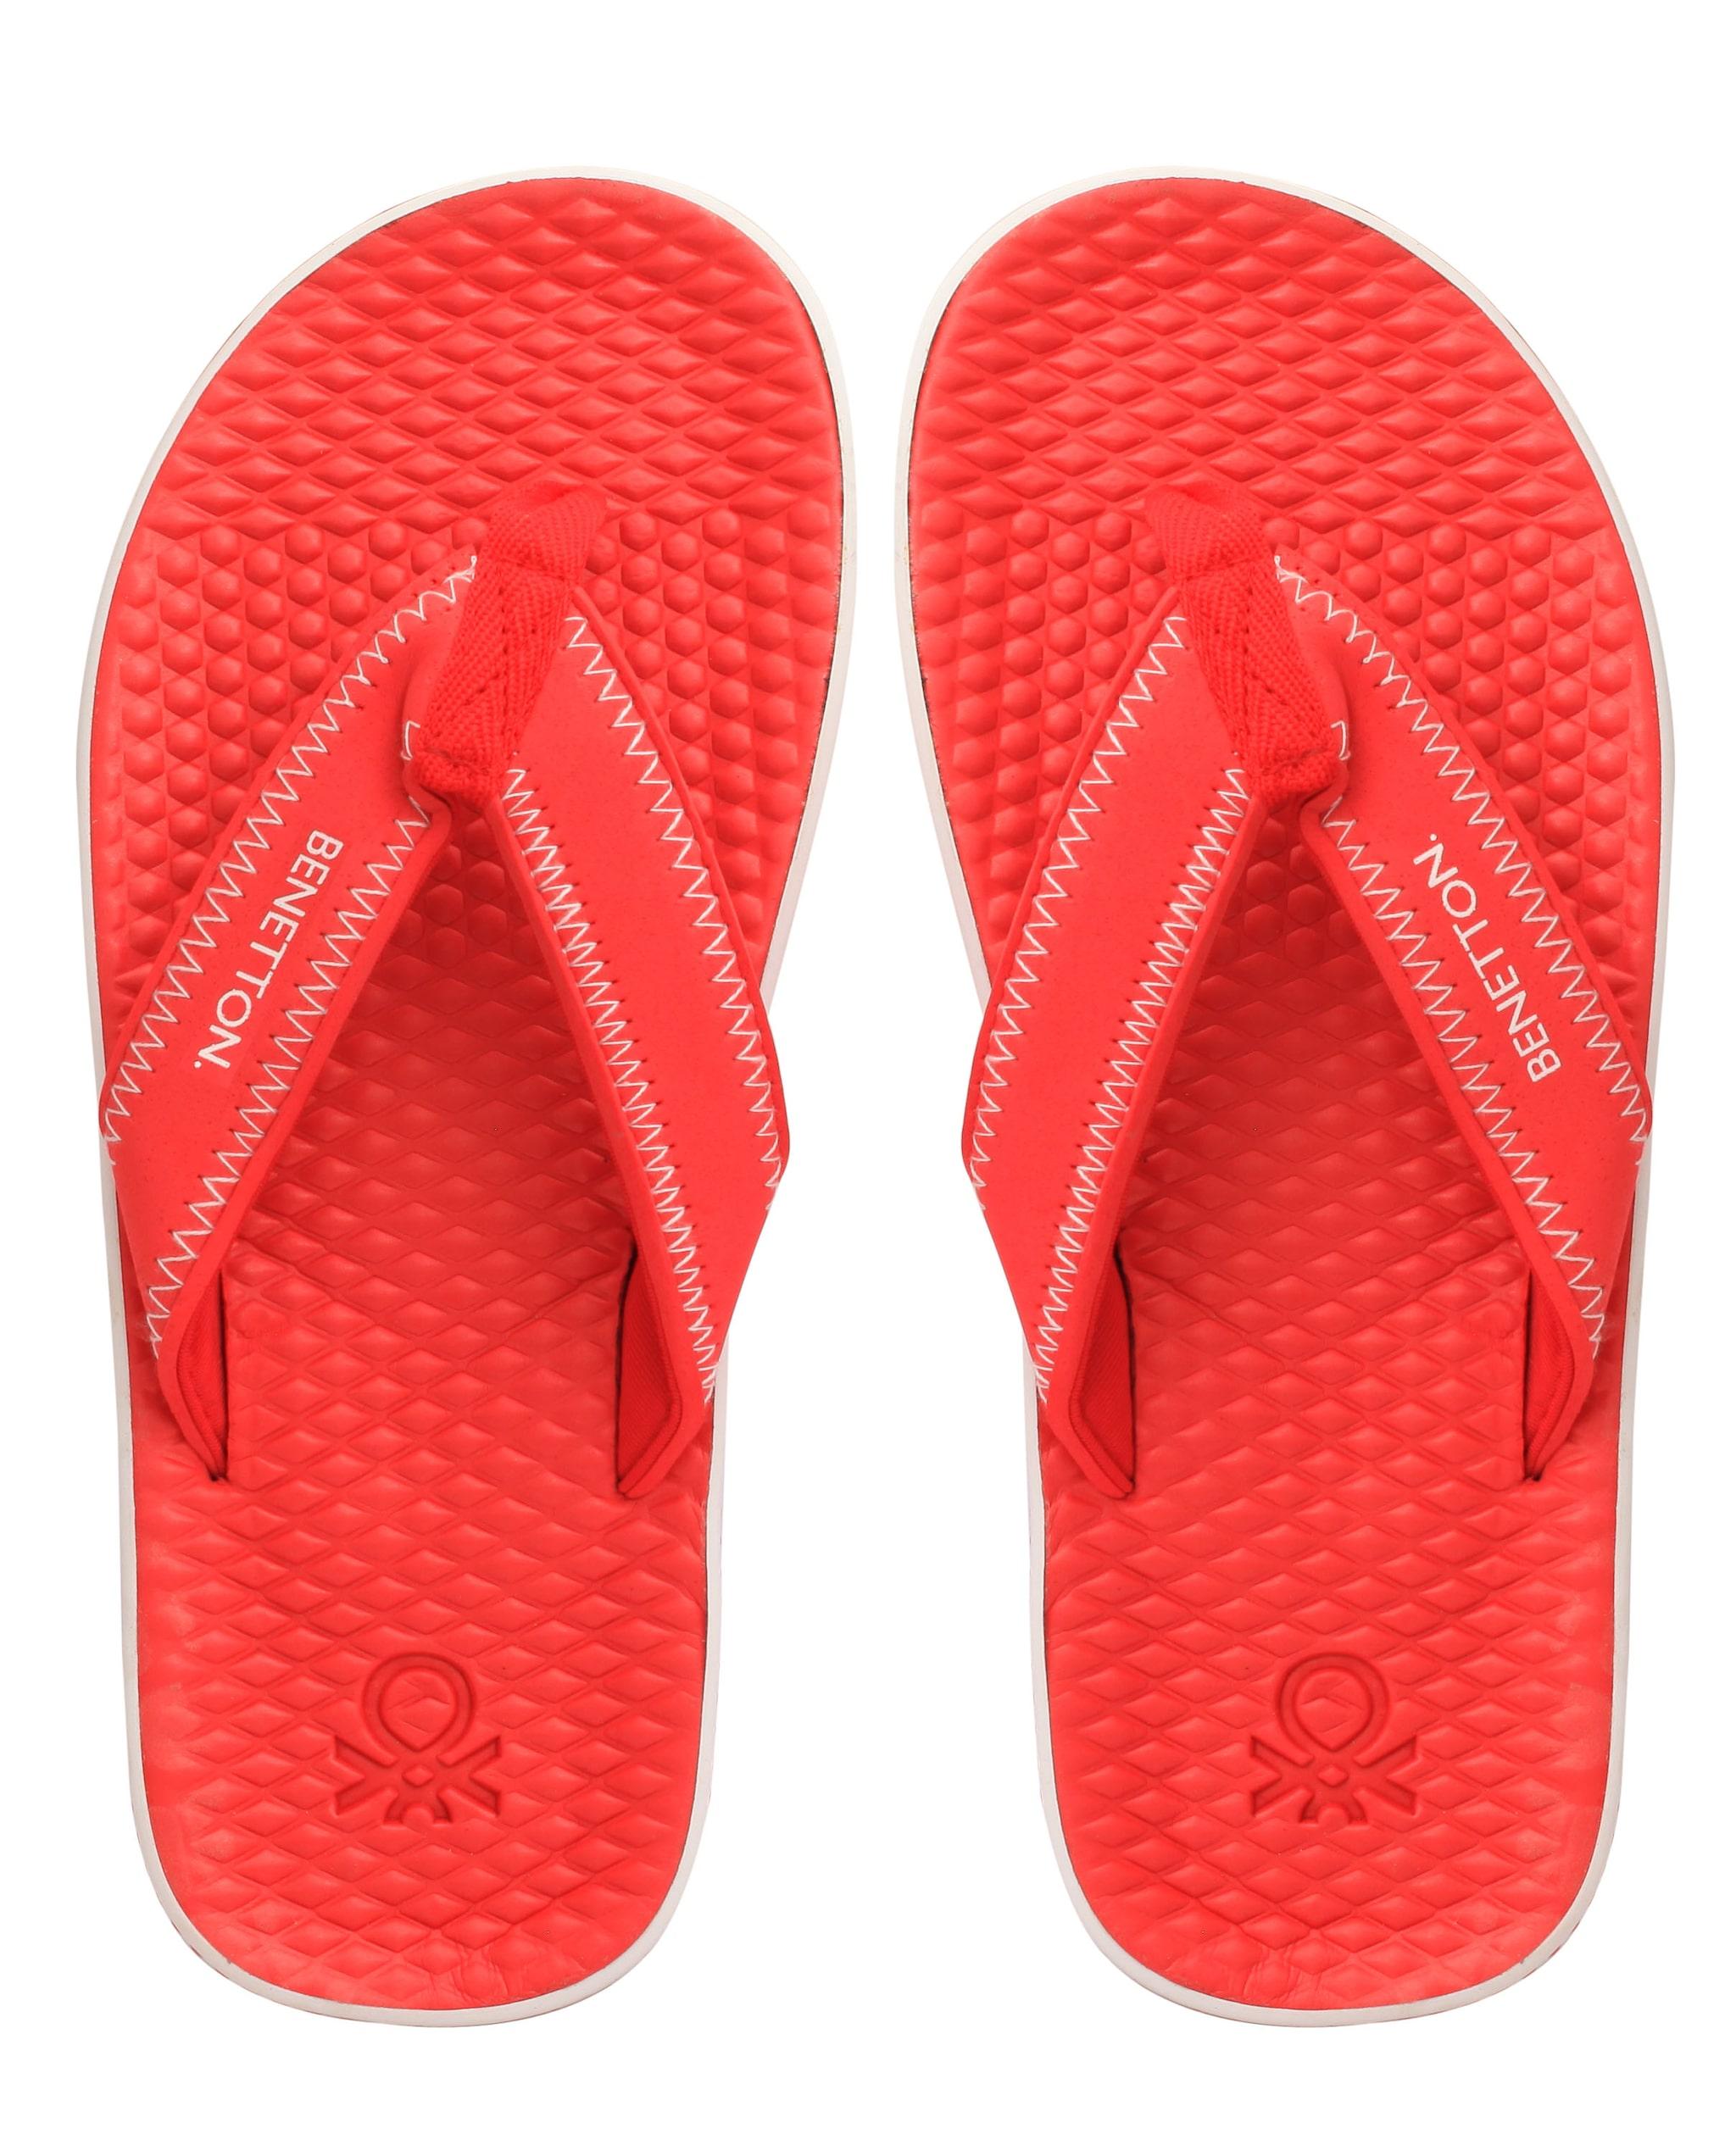 ucb flip flops paytm